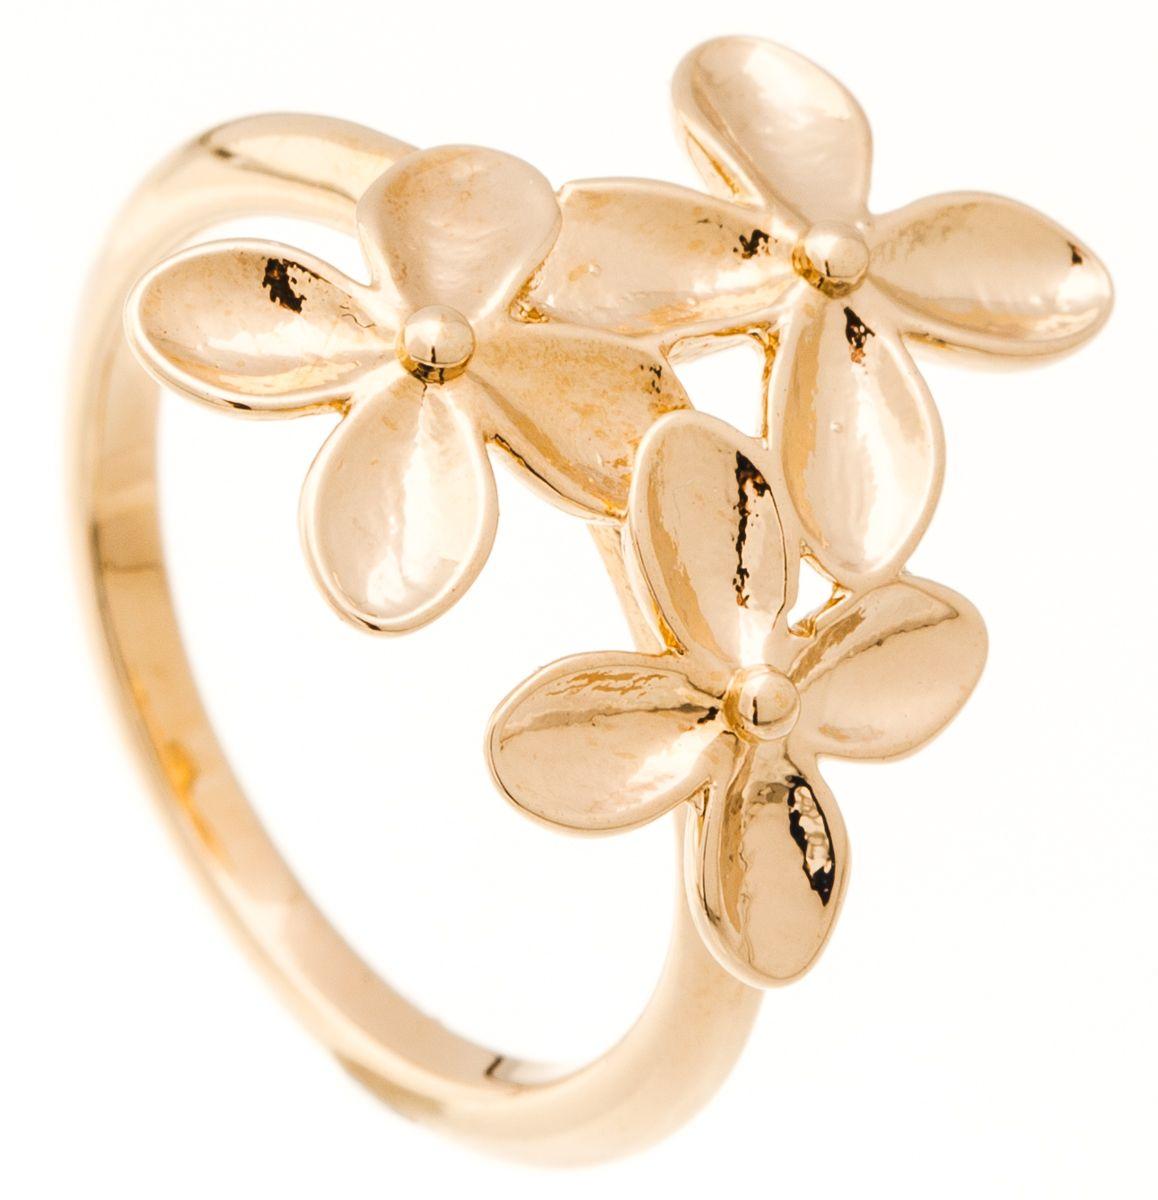 Кольцо Jenavi Young 2. Сэбэль, цвет: золотой. f670p090. Размер 19Коктейльное кольцоИзящное кольцо Jenavi из коллекции Young 2. Сэбэль изготовлено из ювелирного сплава с покрытием из позолоты. Изделие выполнено в необычном дизайне и оформлено вылитыми цветами. Стильное кольцо придаст вашему образу изюминку, подчеркнет индивидуальность.